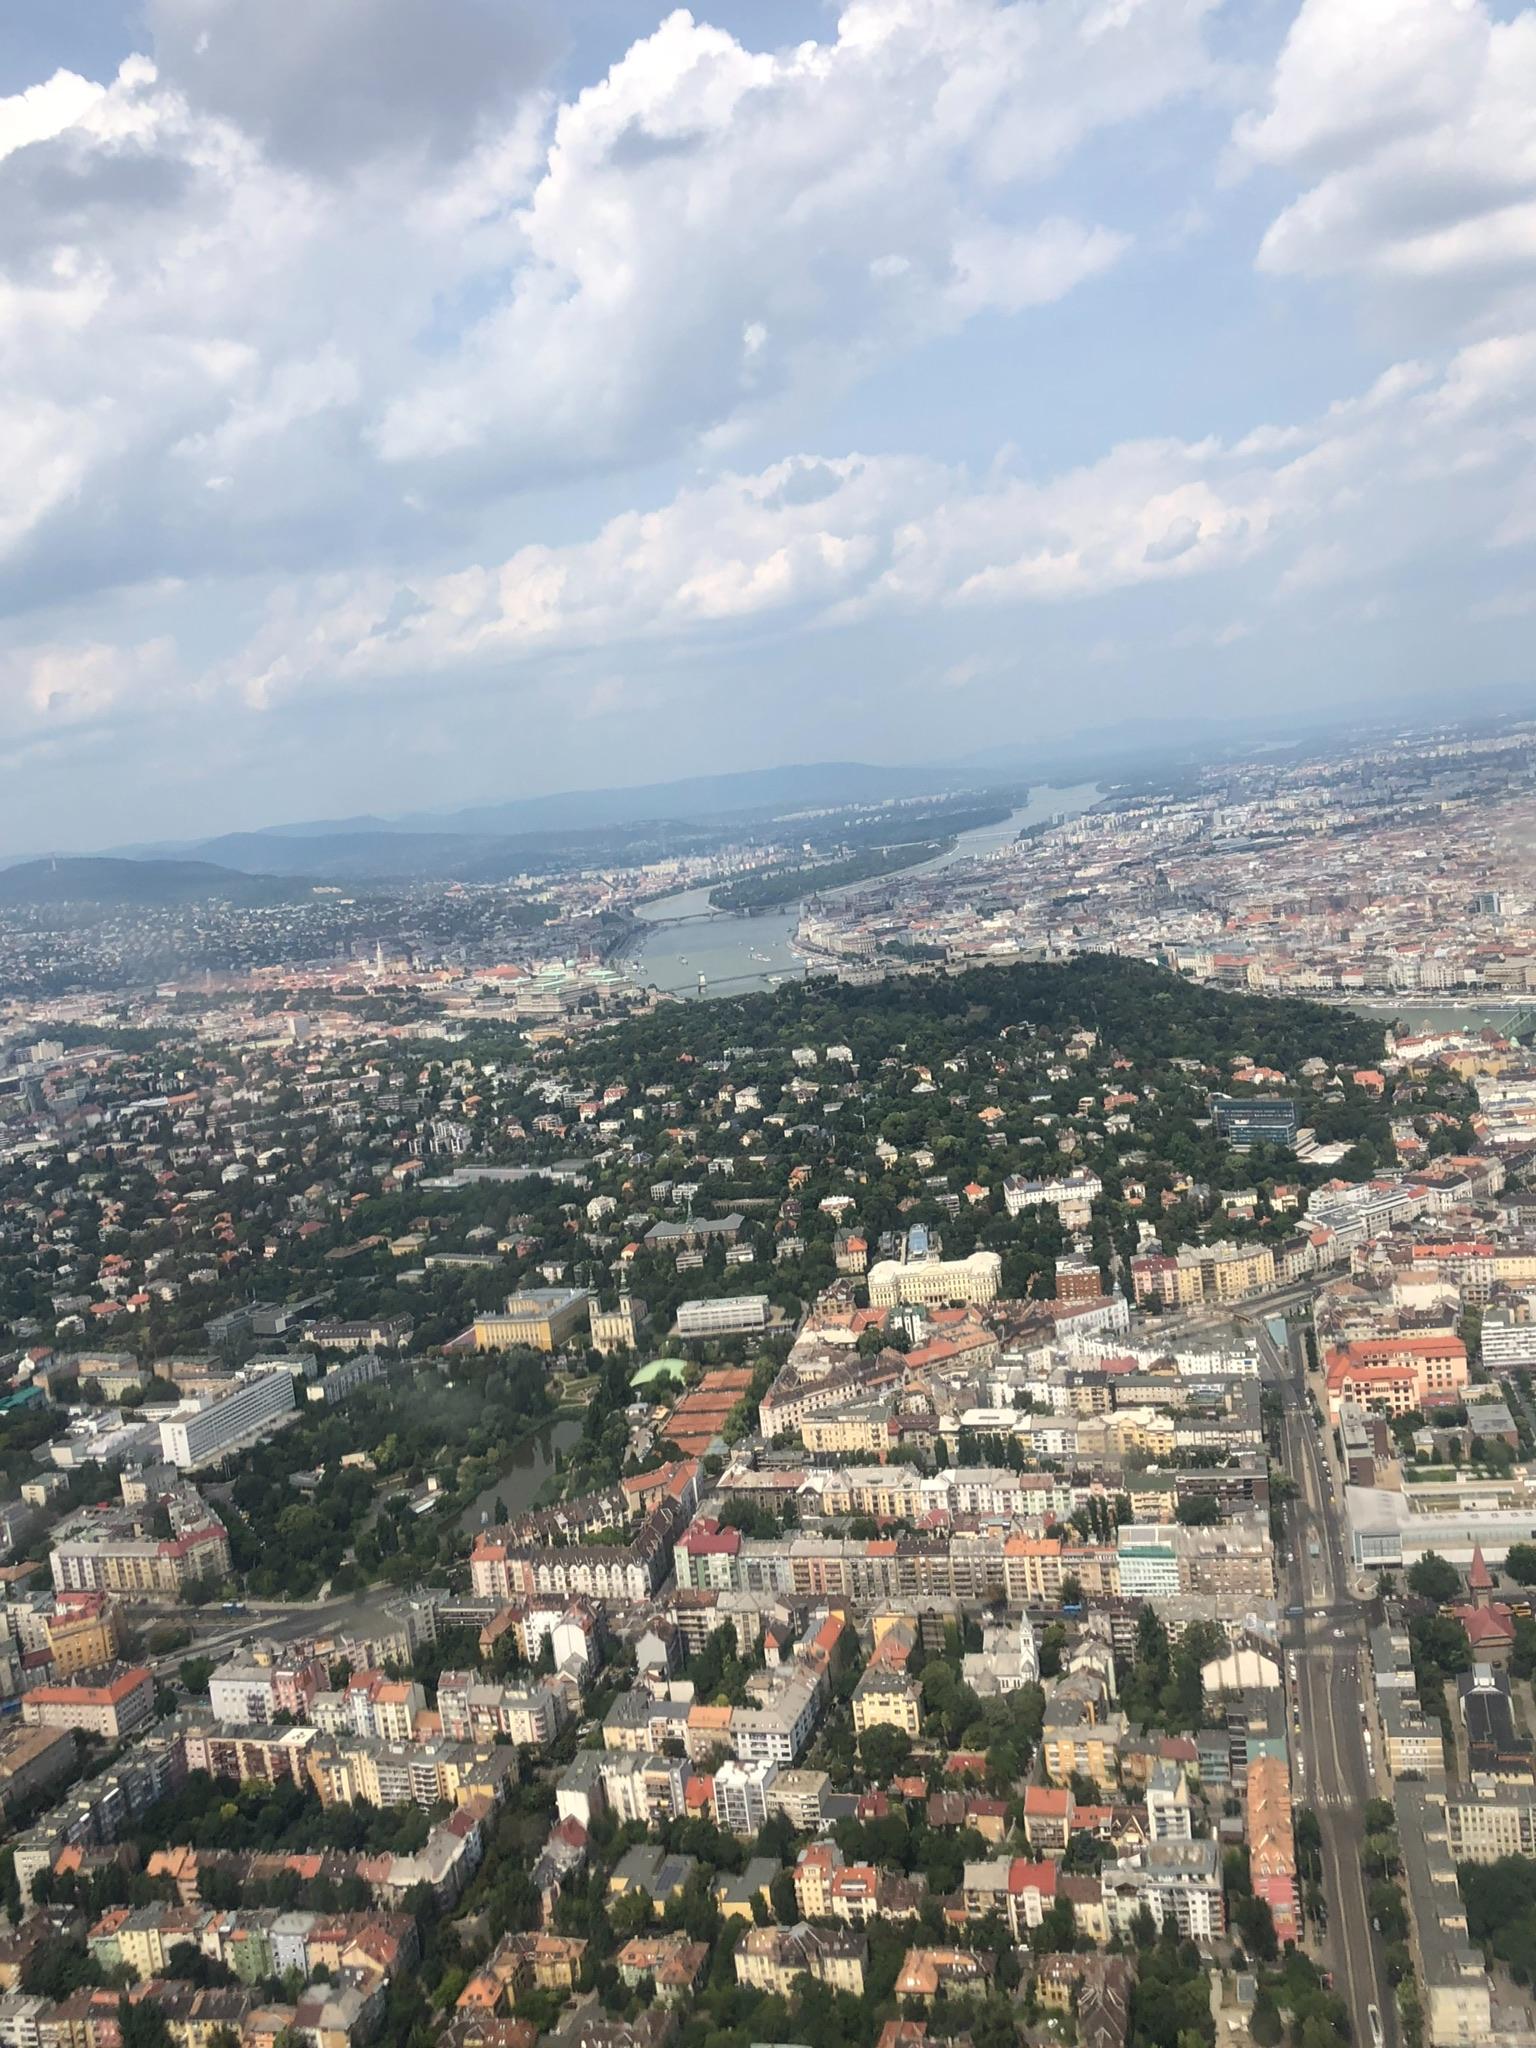 Repülés - 2019-12-29 09:30-15:30 - János Makovics dr